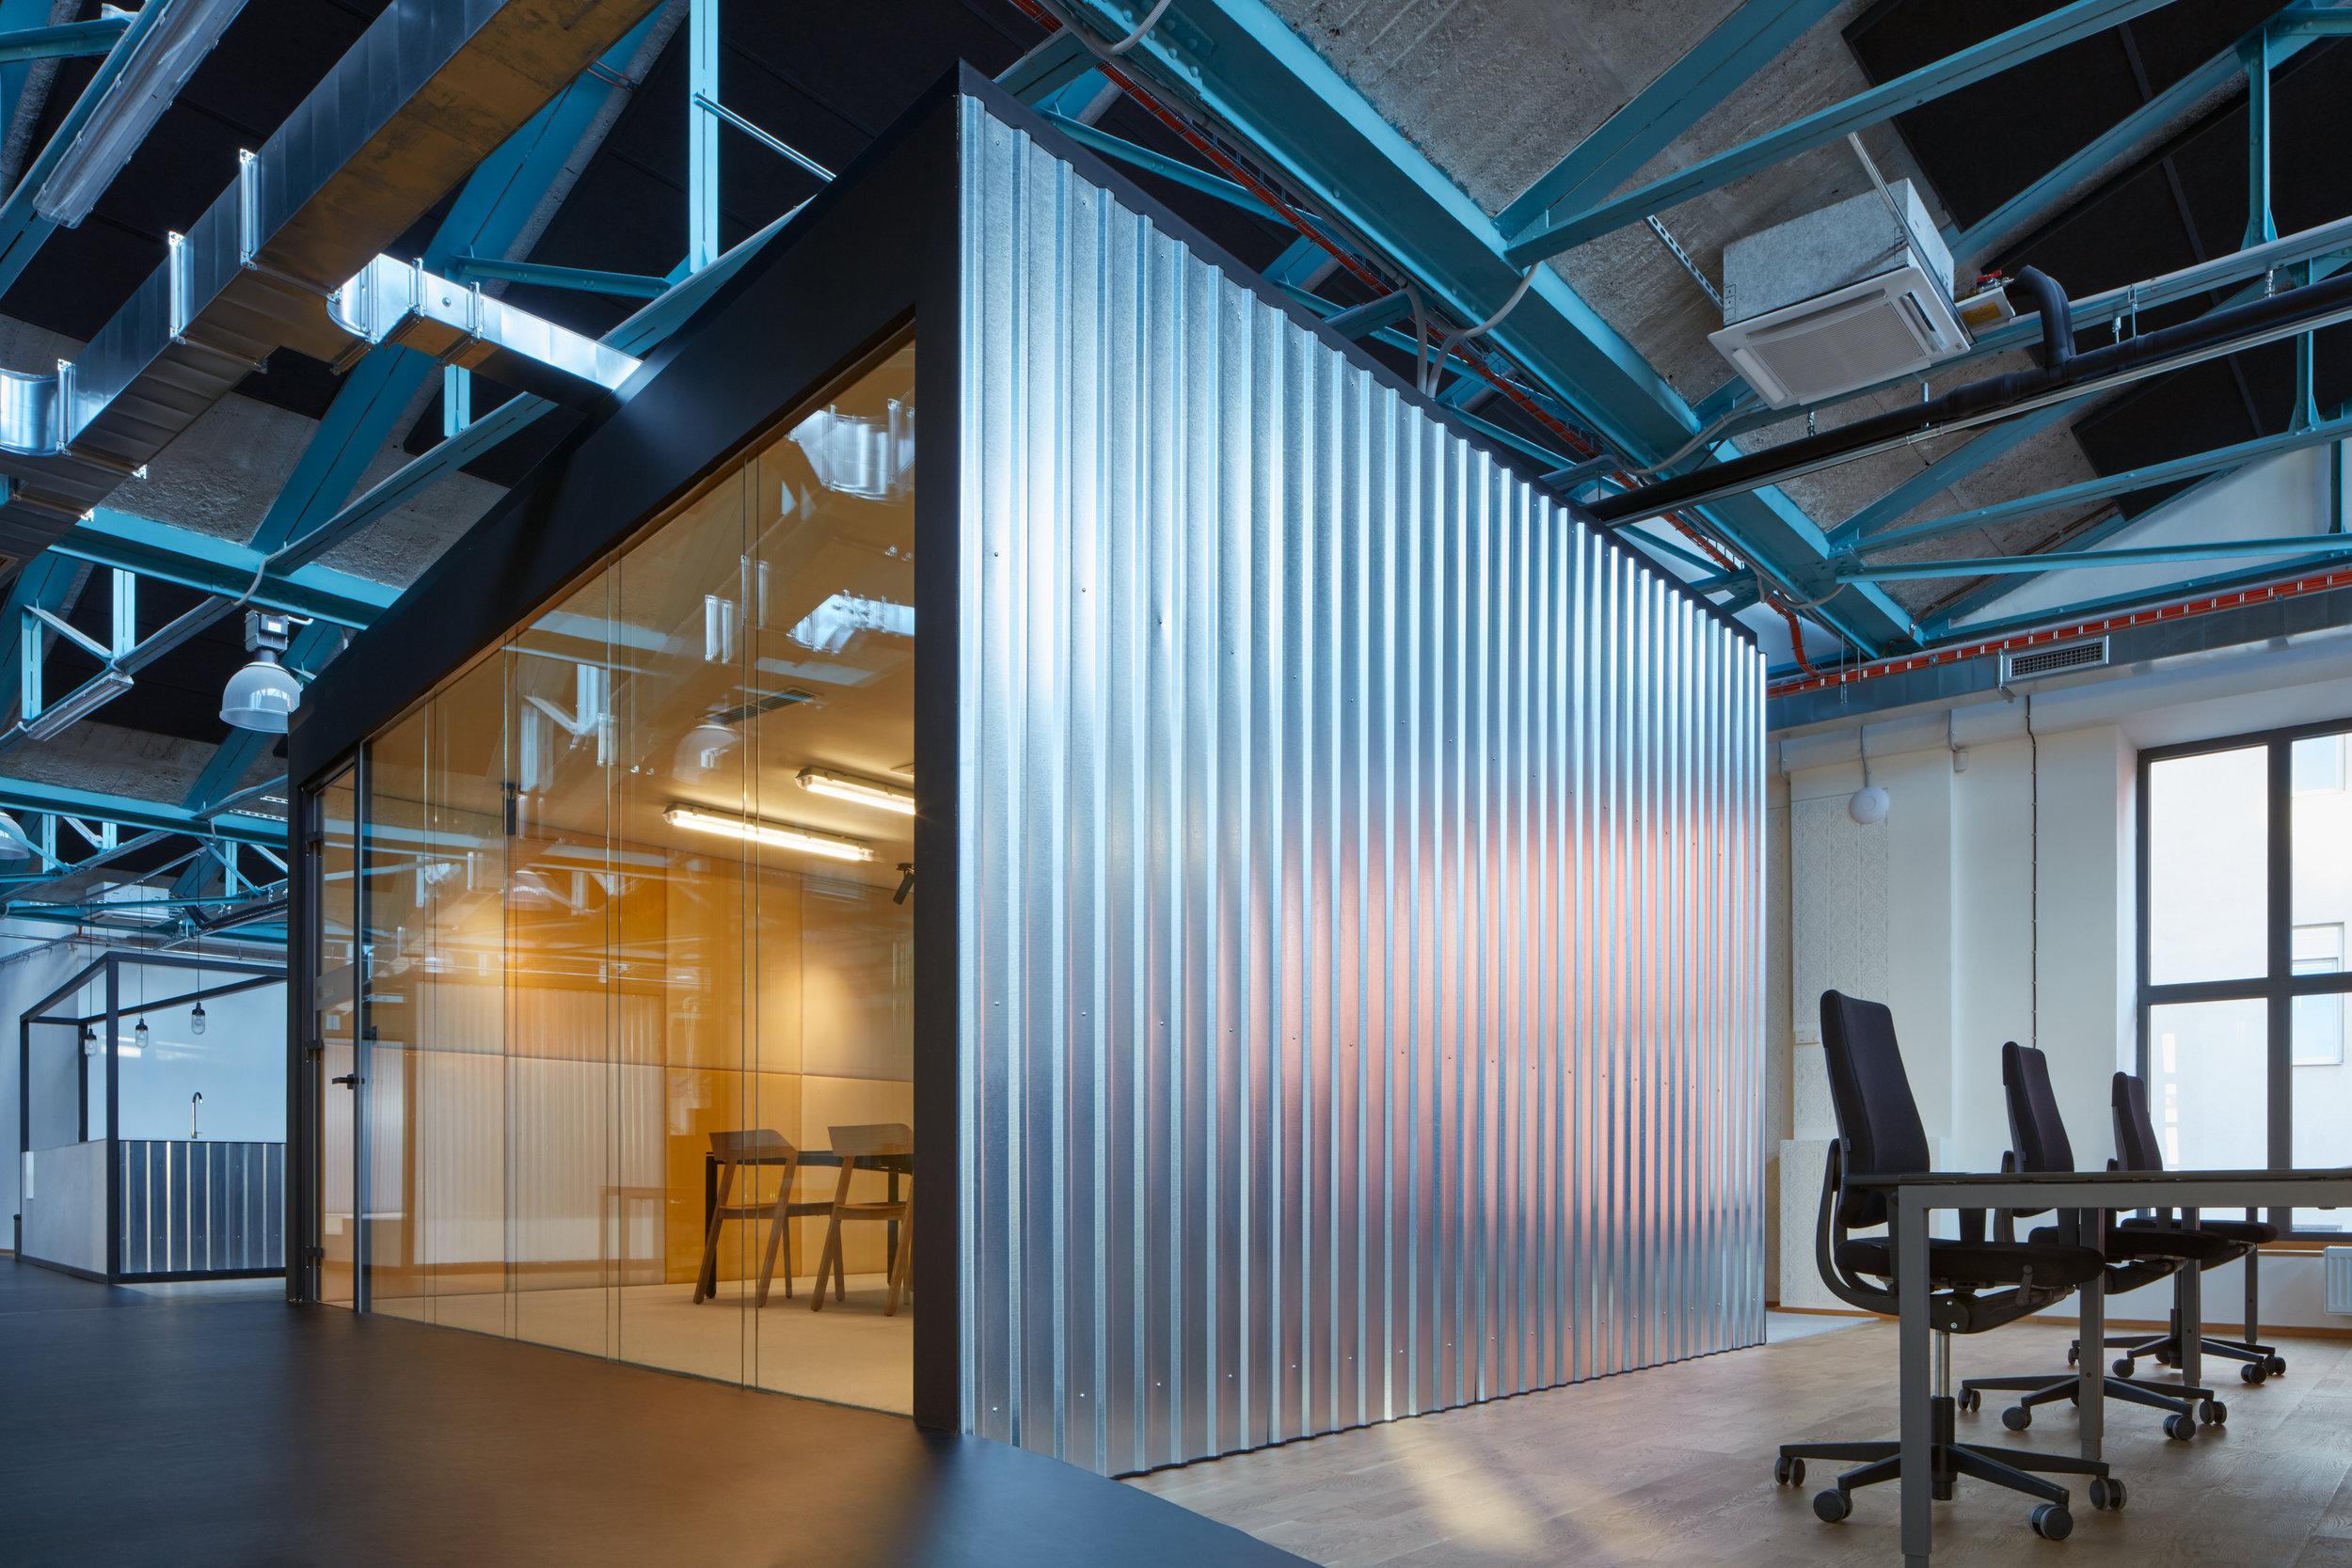 Kurz_architekti_SinnerSchrader_offices_BoysPlayNice_14.jpg